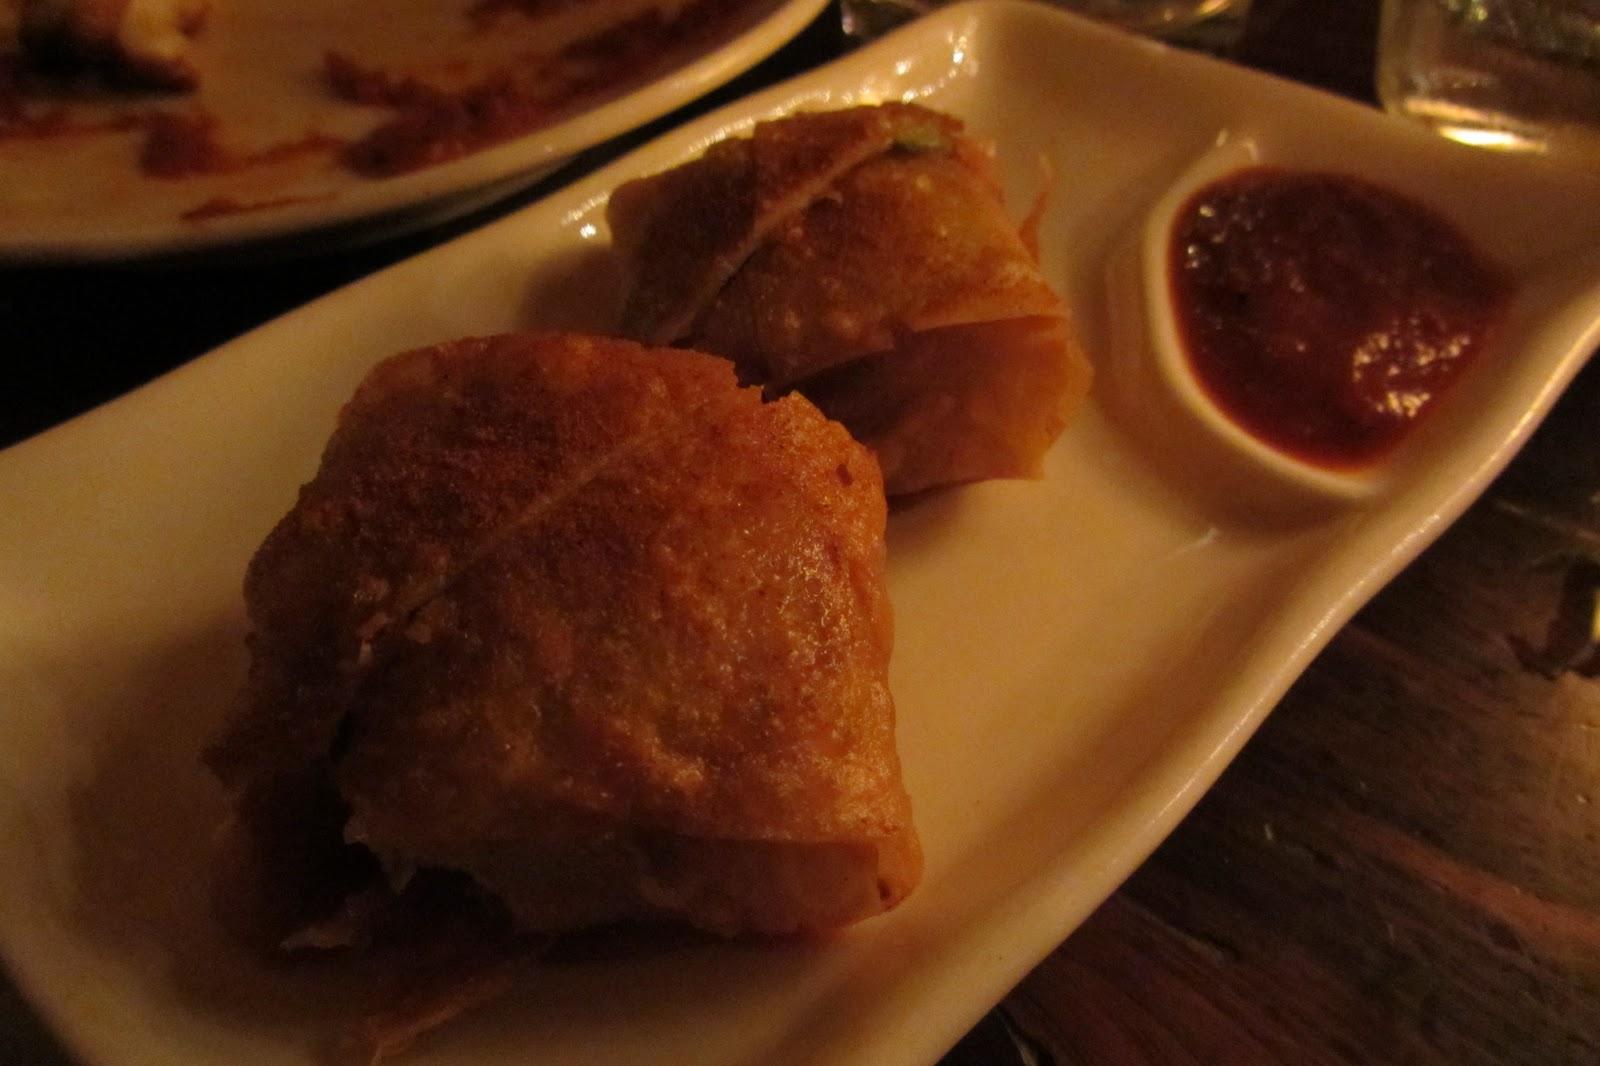 ... Yufka Pastry (mahon cheese, pickle relish, spiced ketchup) at Alta